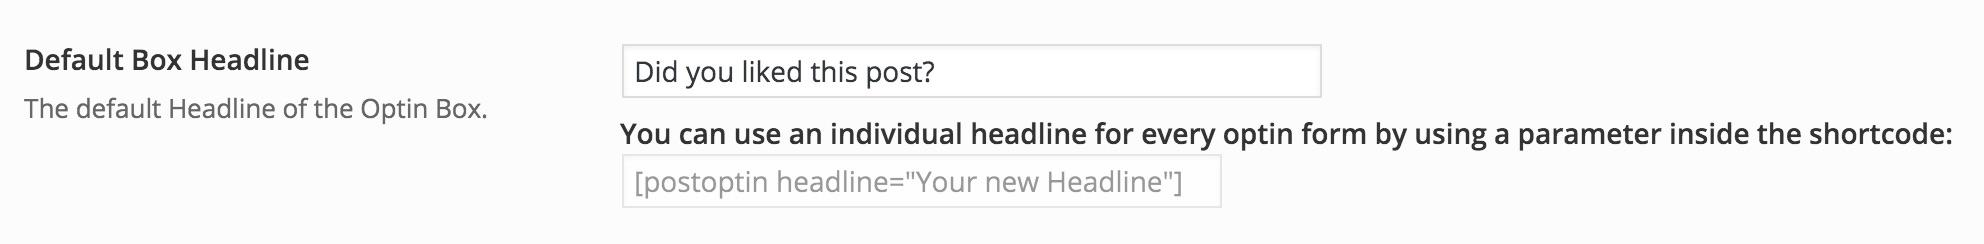 _images/inside-postoptin-headline-setting.jpg